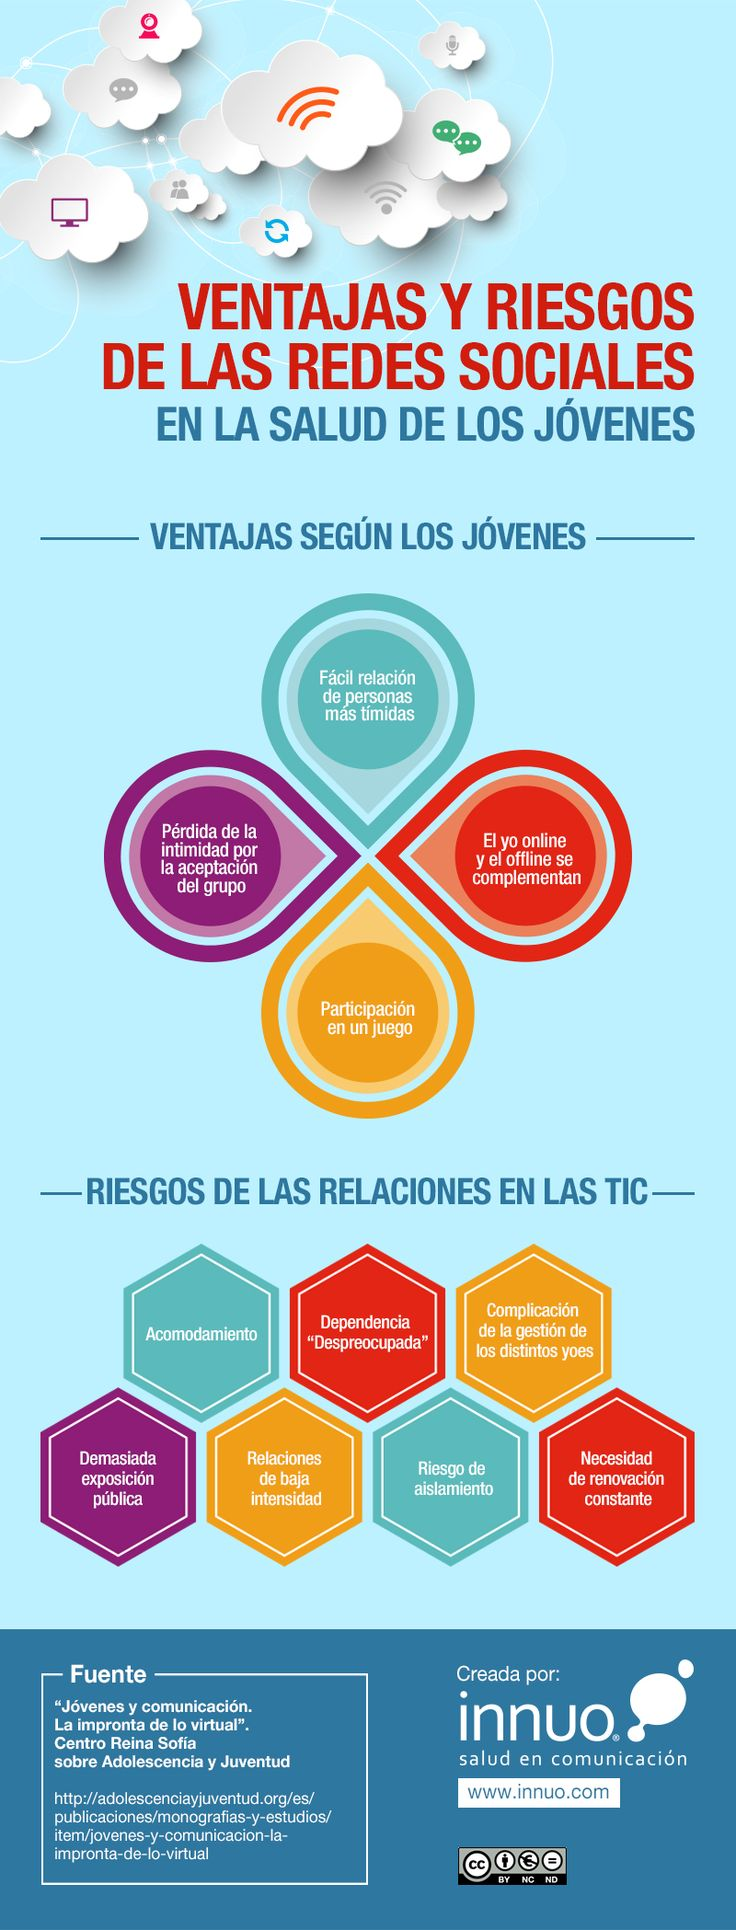 Ventajas y riesgos de las #RedesSociales en la #salud de los jóvenes #infografía